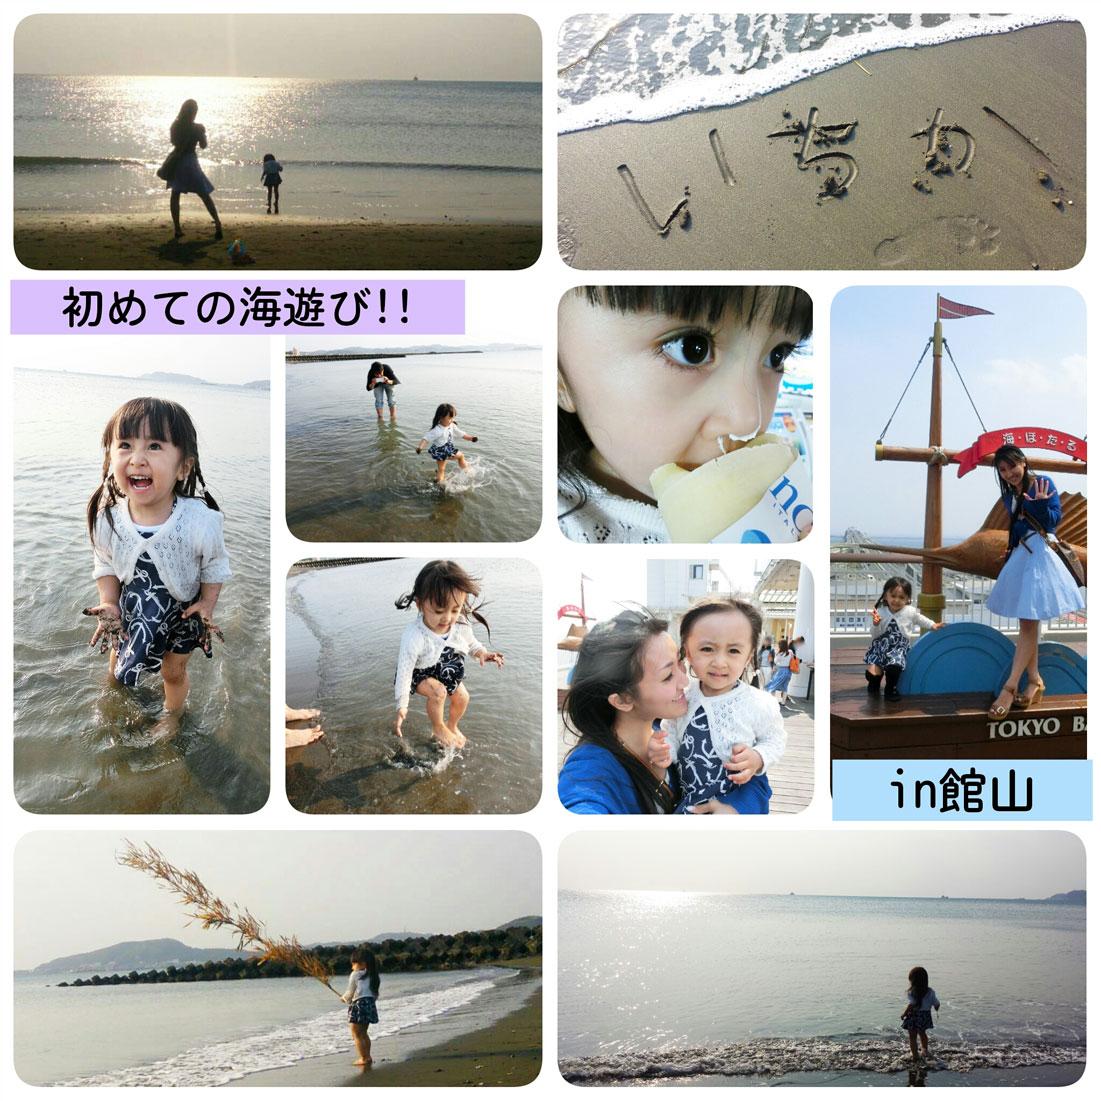 館山旅行! 初めての海(*´∇`*)_d0224894_1532070.jpg